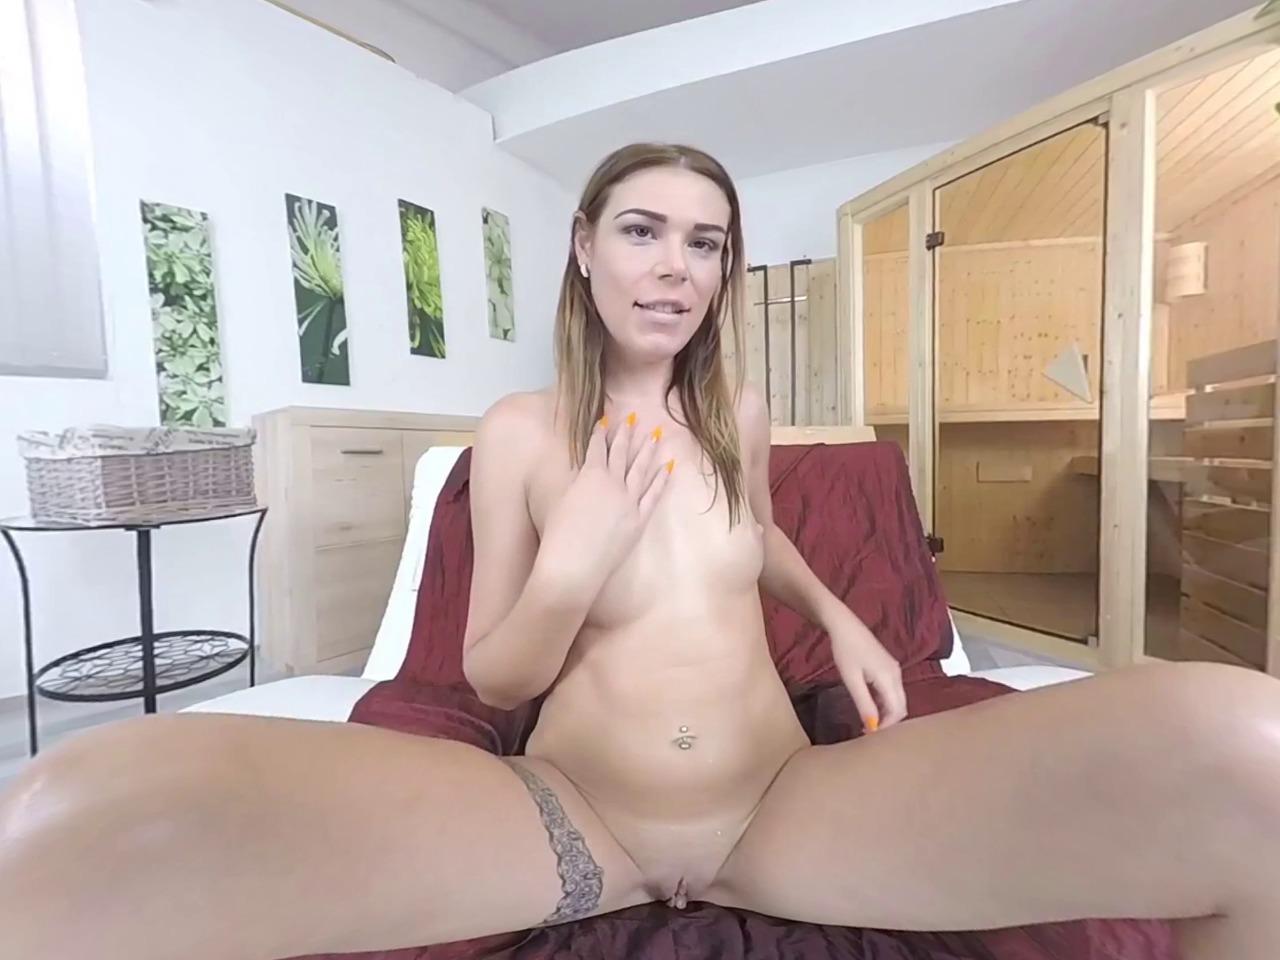 Jesica Bell lecca le sue mani bagnate di pipì dopo essersi masturbata